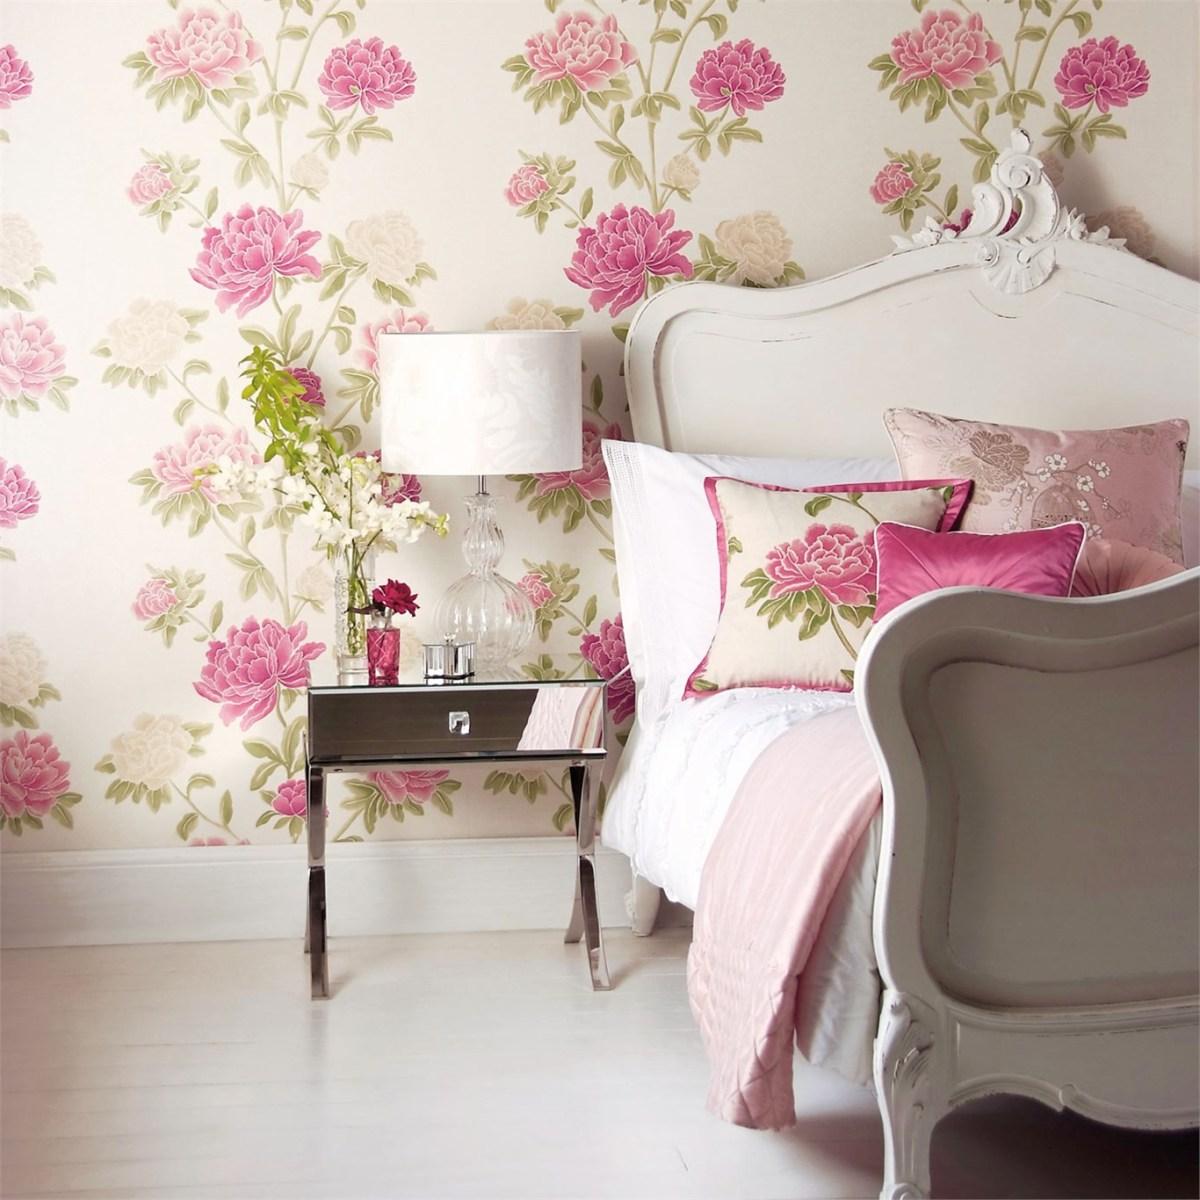 2 consejos para colocar papeles pintados de flores en el - Papeles pintados romanticos ...